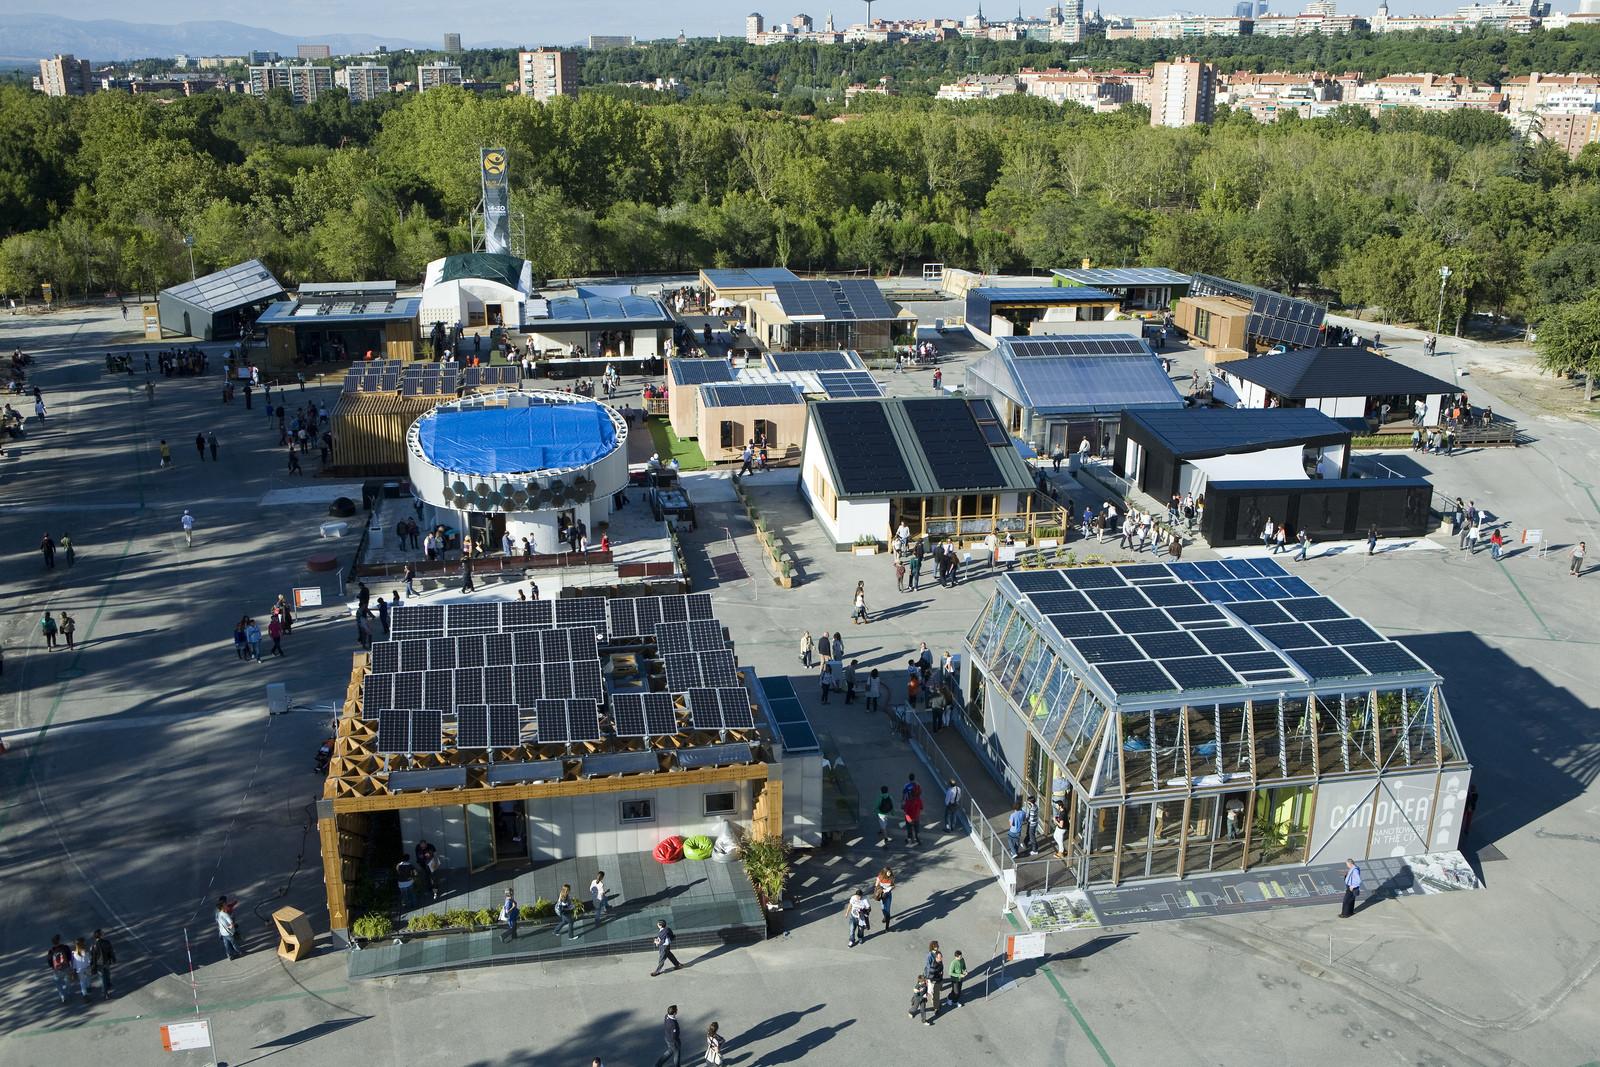 2015: Primera Decatlón Solar en Latinoamérica se realizará en Cali, Colombia, Decatlón Solar Europa 2012 en Madrid, España. Image © Vía Flickr, Usuario SDEurope